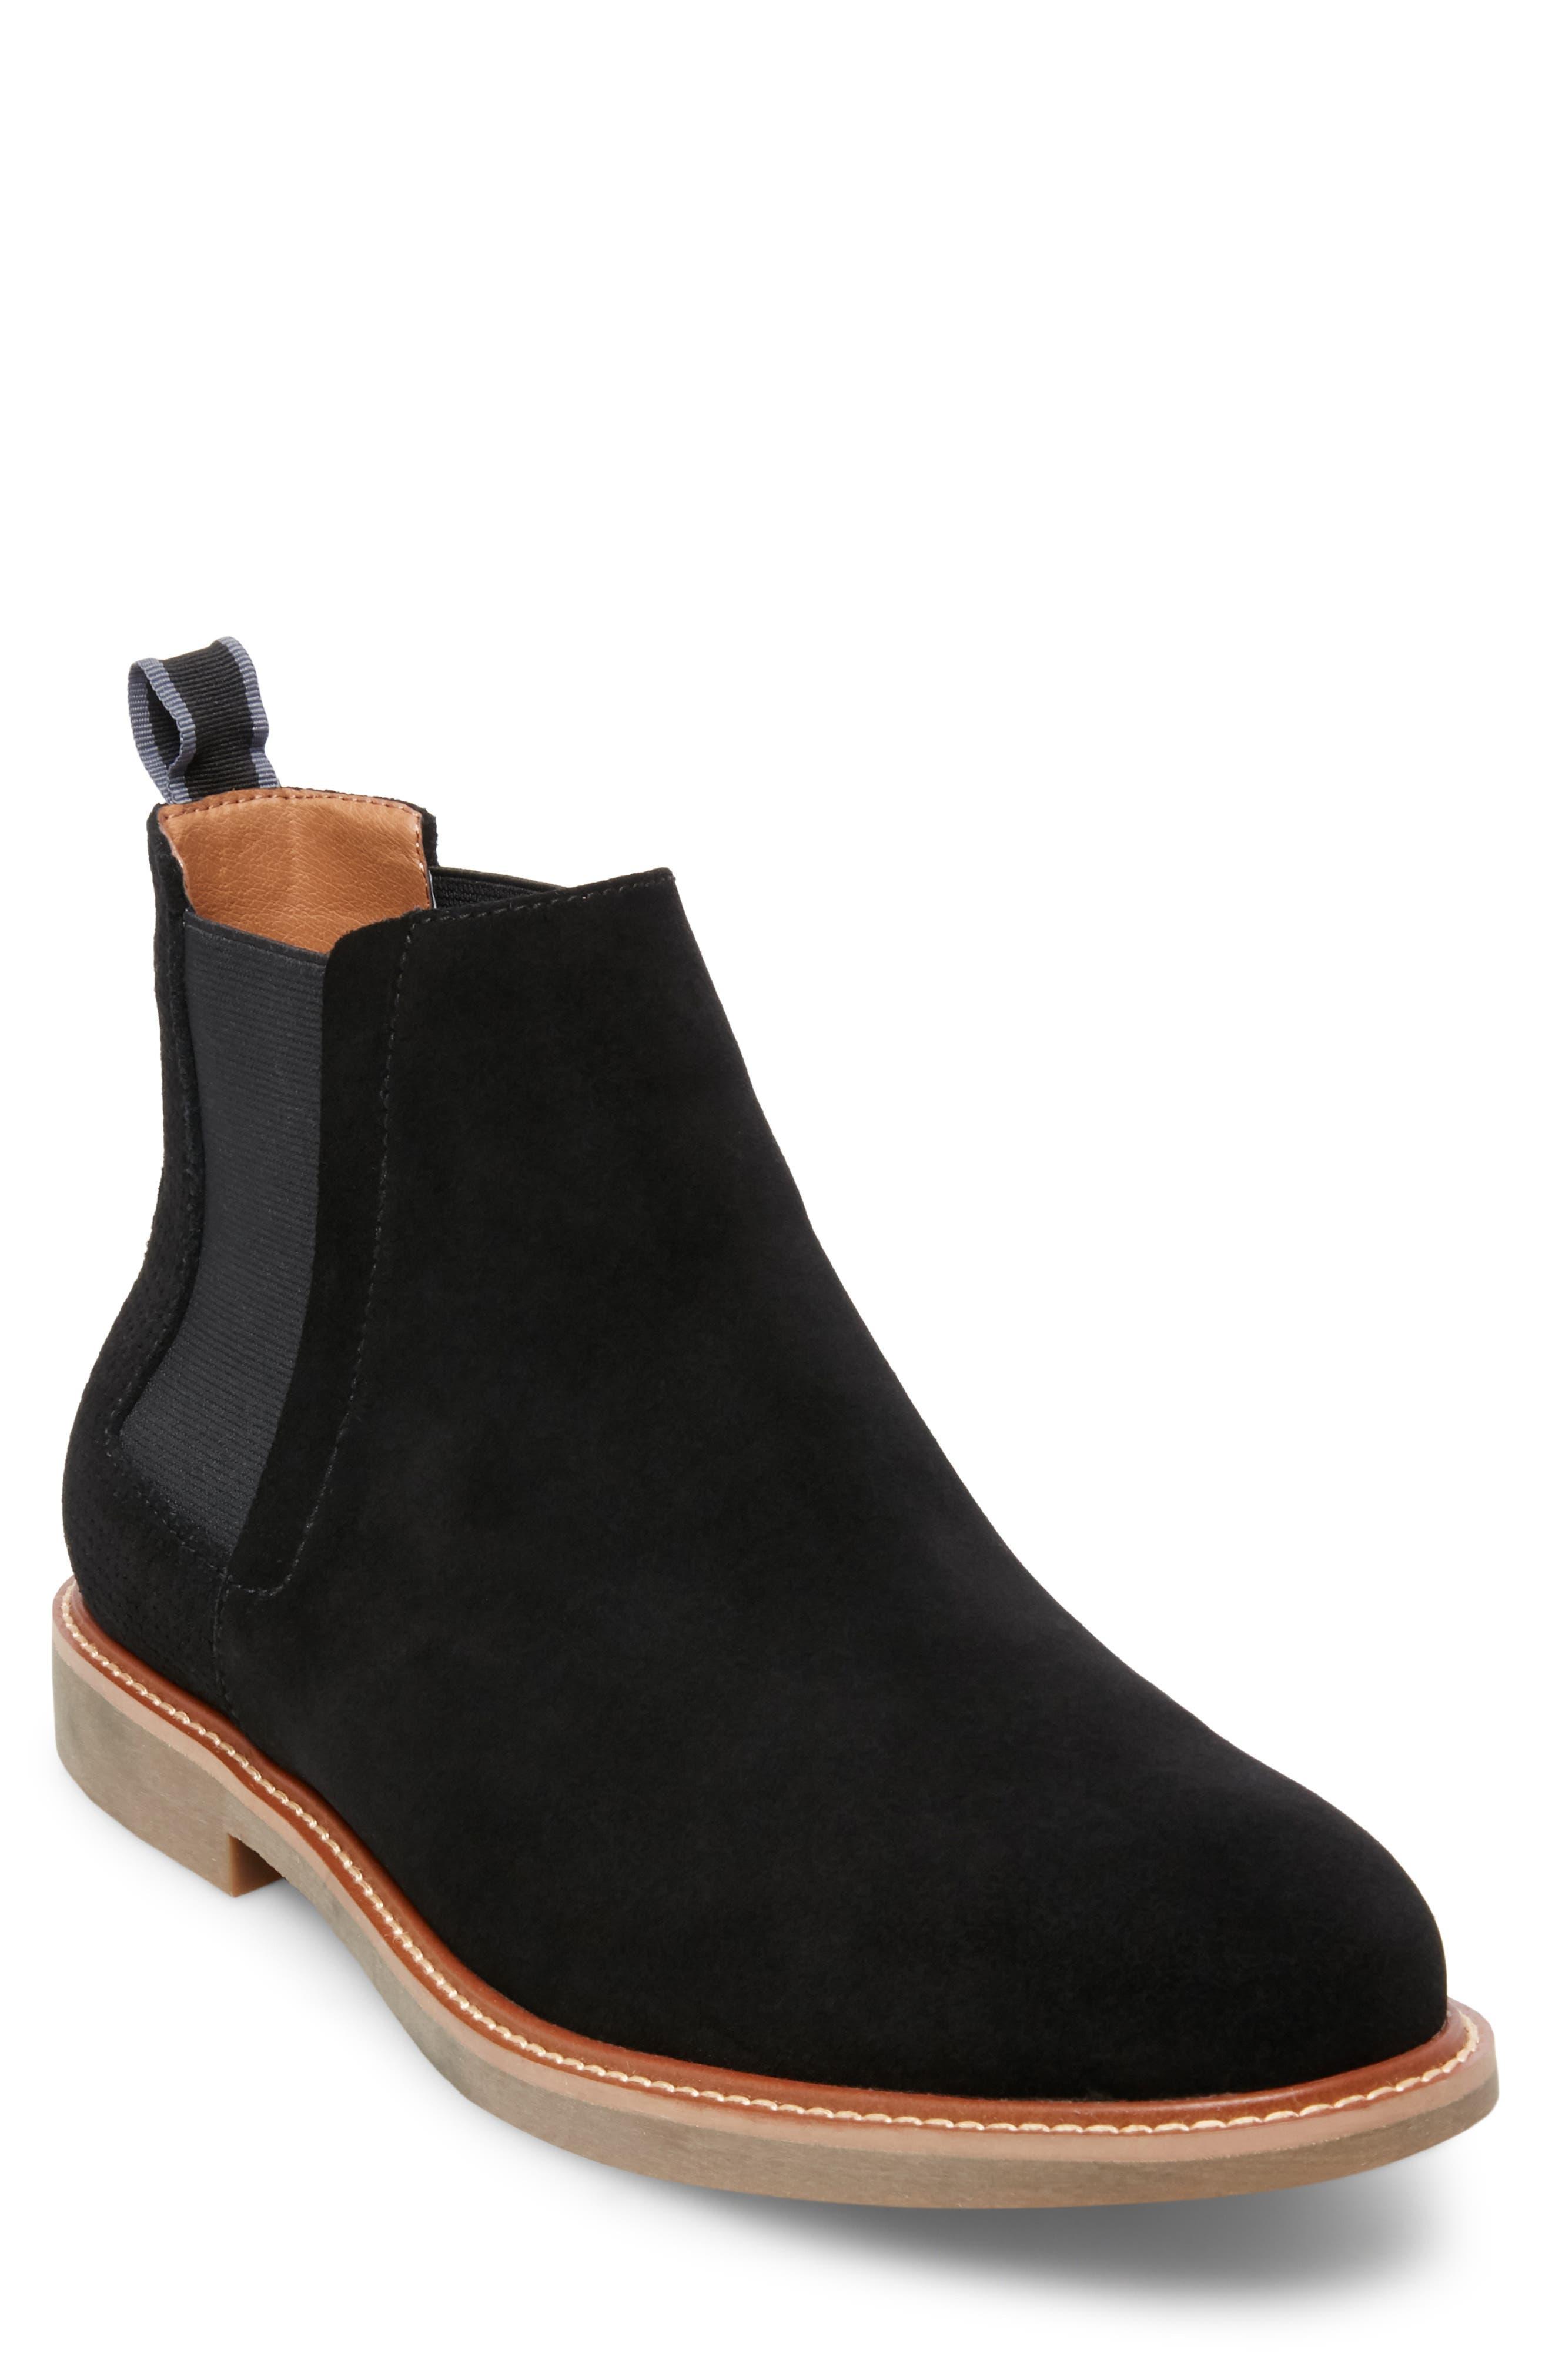 Steve Madden Highlyte Textured Chelsea Boot, Black